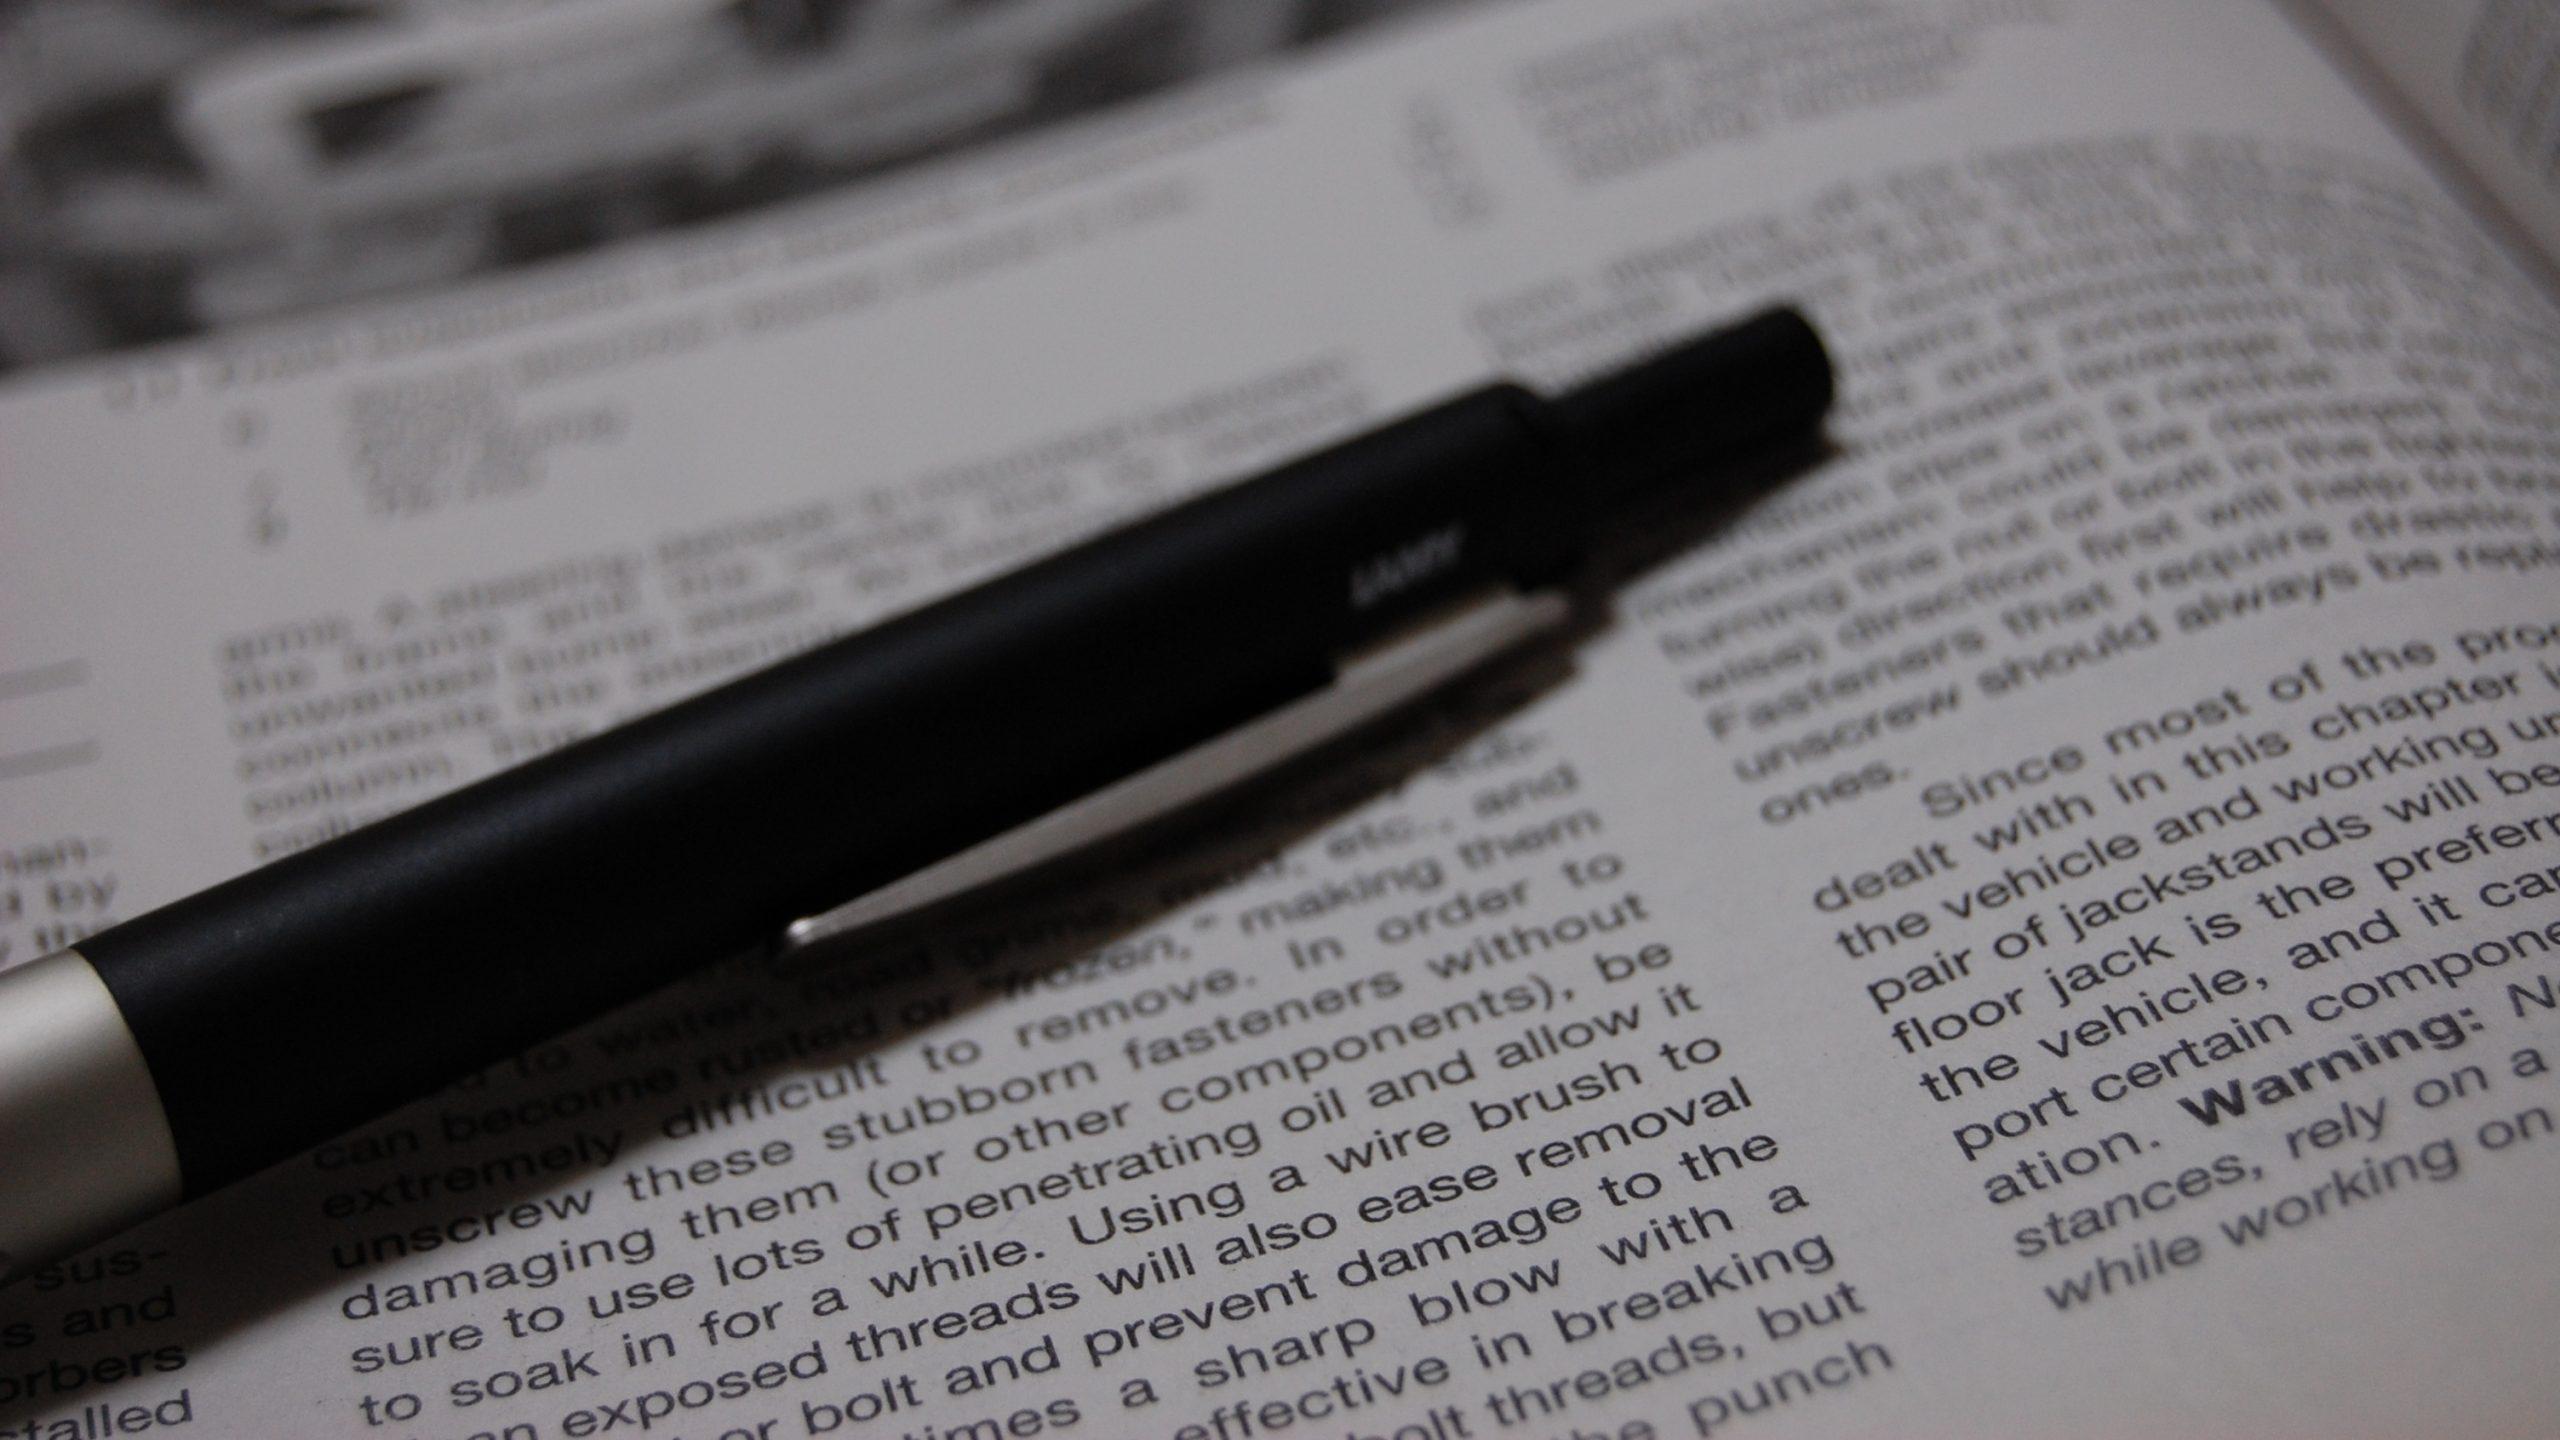 viet hoc thuat scaled - Viết học thuật cho nghiên cứu sinh